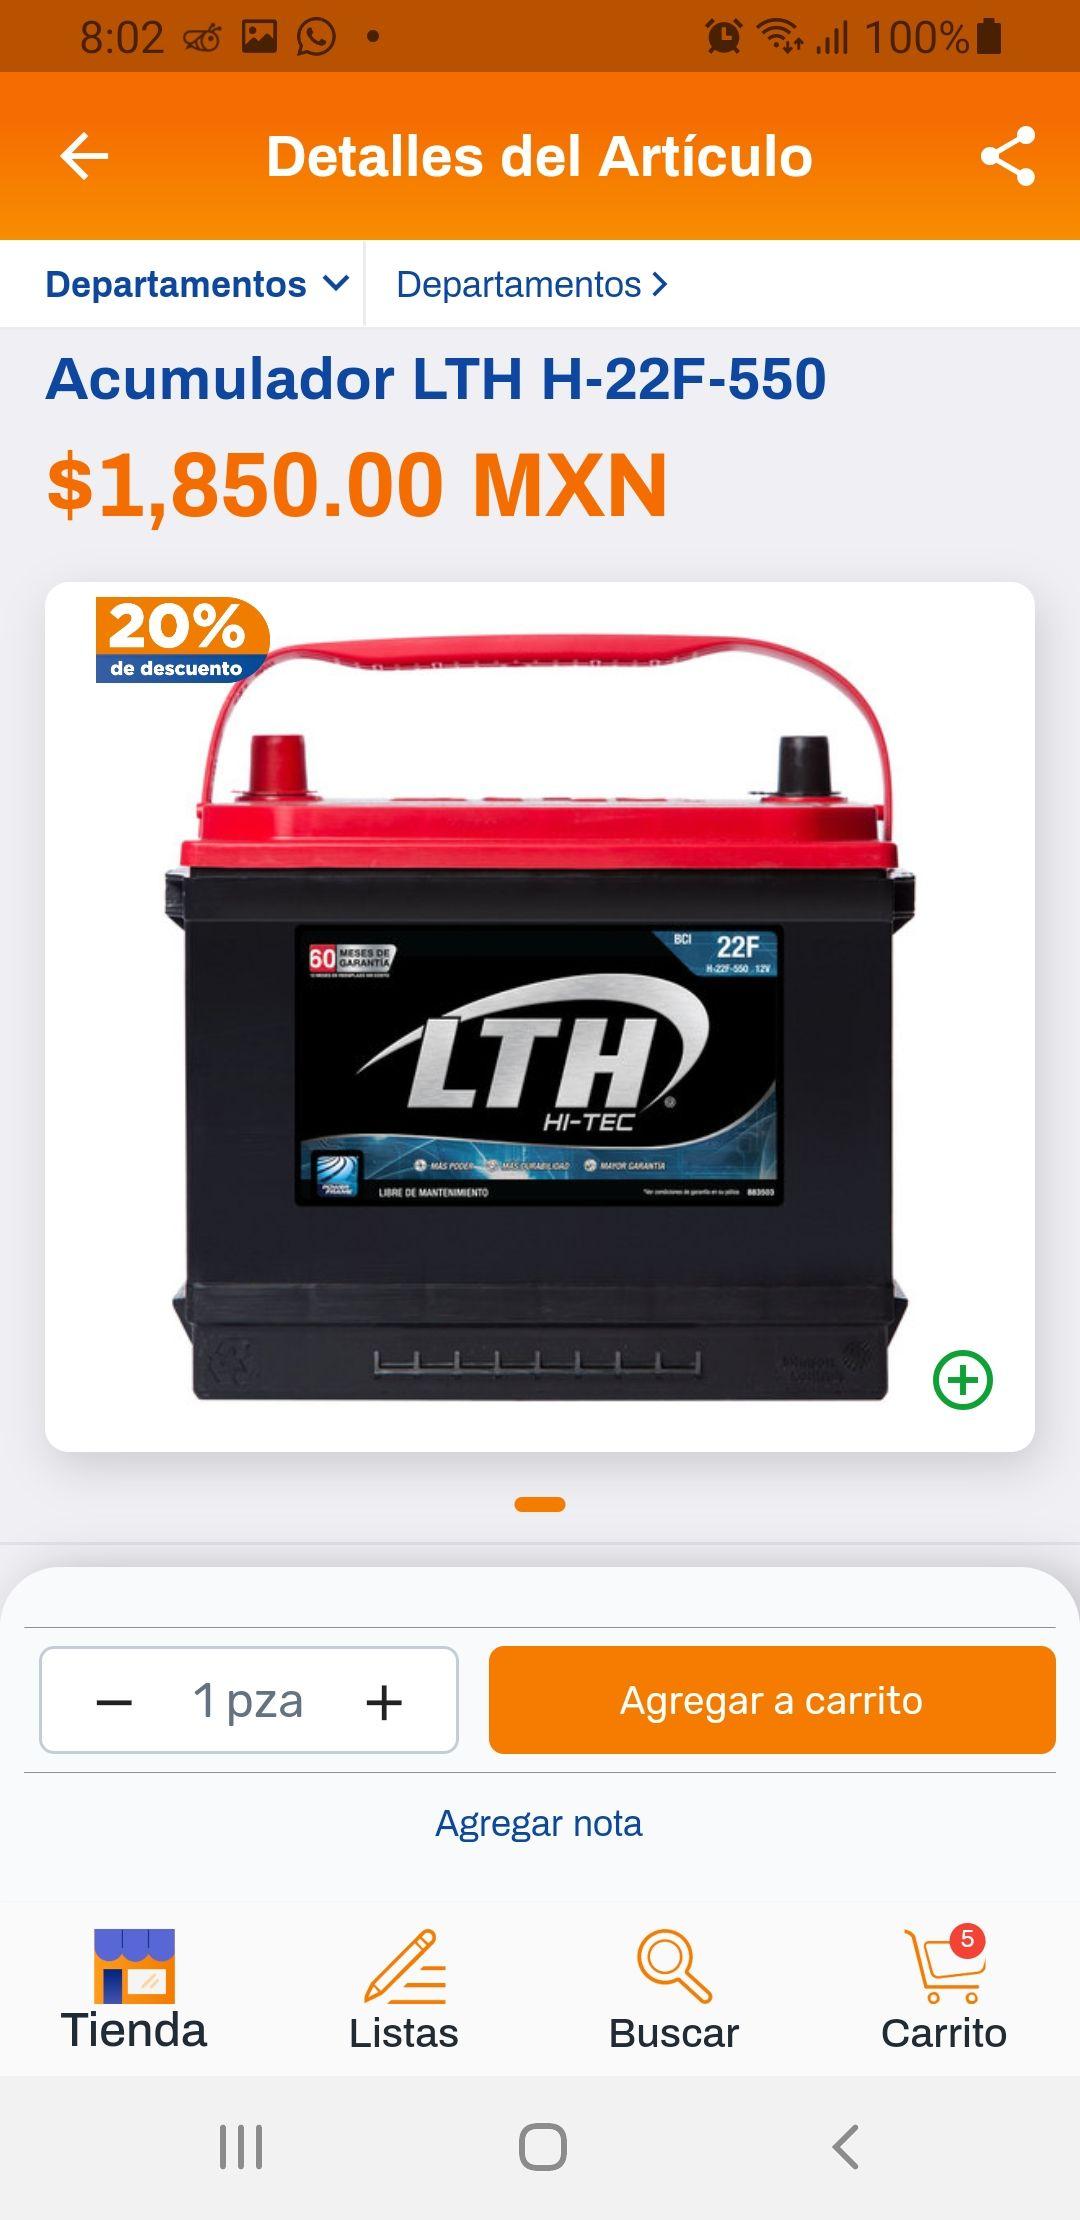 CHEDRAUI: 20% Descuento en Acumuladores LTH 24R-600, 22F-550, 42-550 para auto